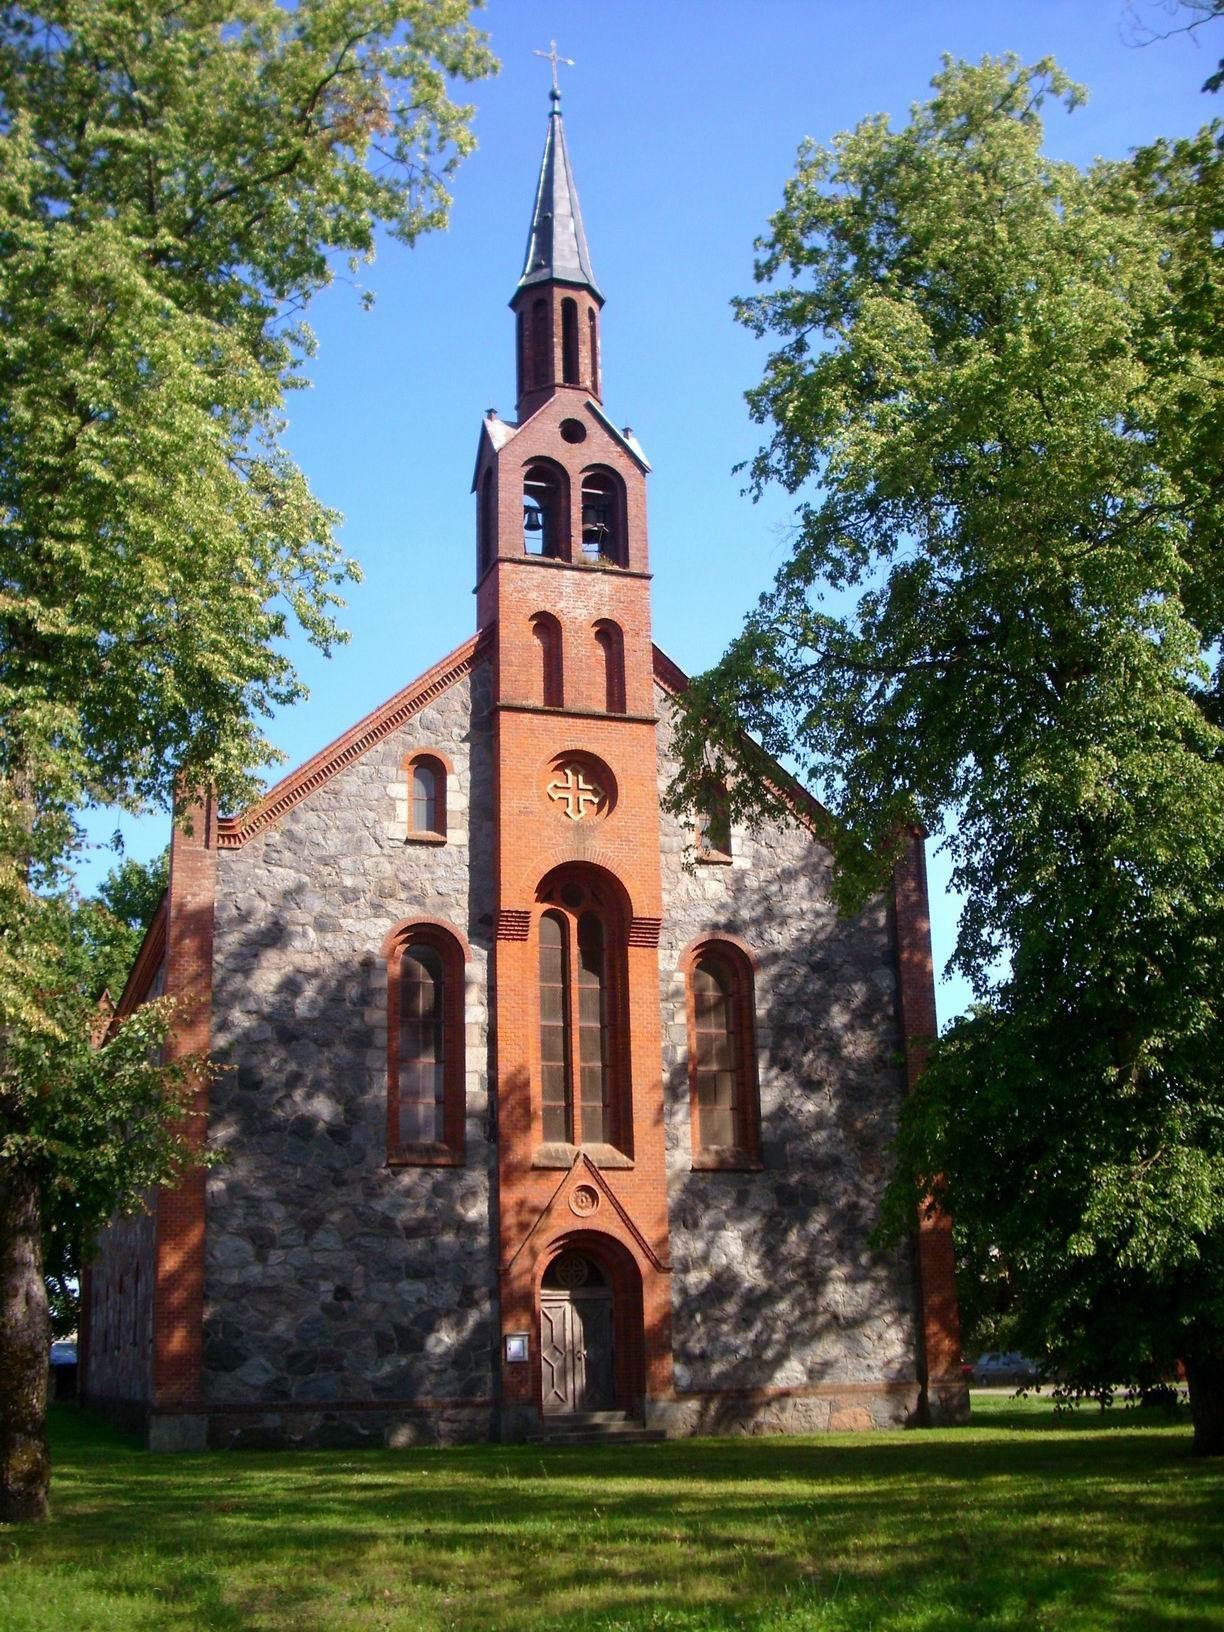 Ort_Dawillen_Kirche_Vorderansicht_2009